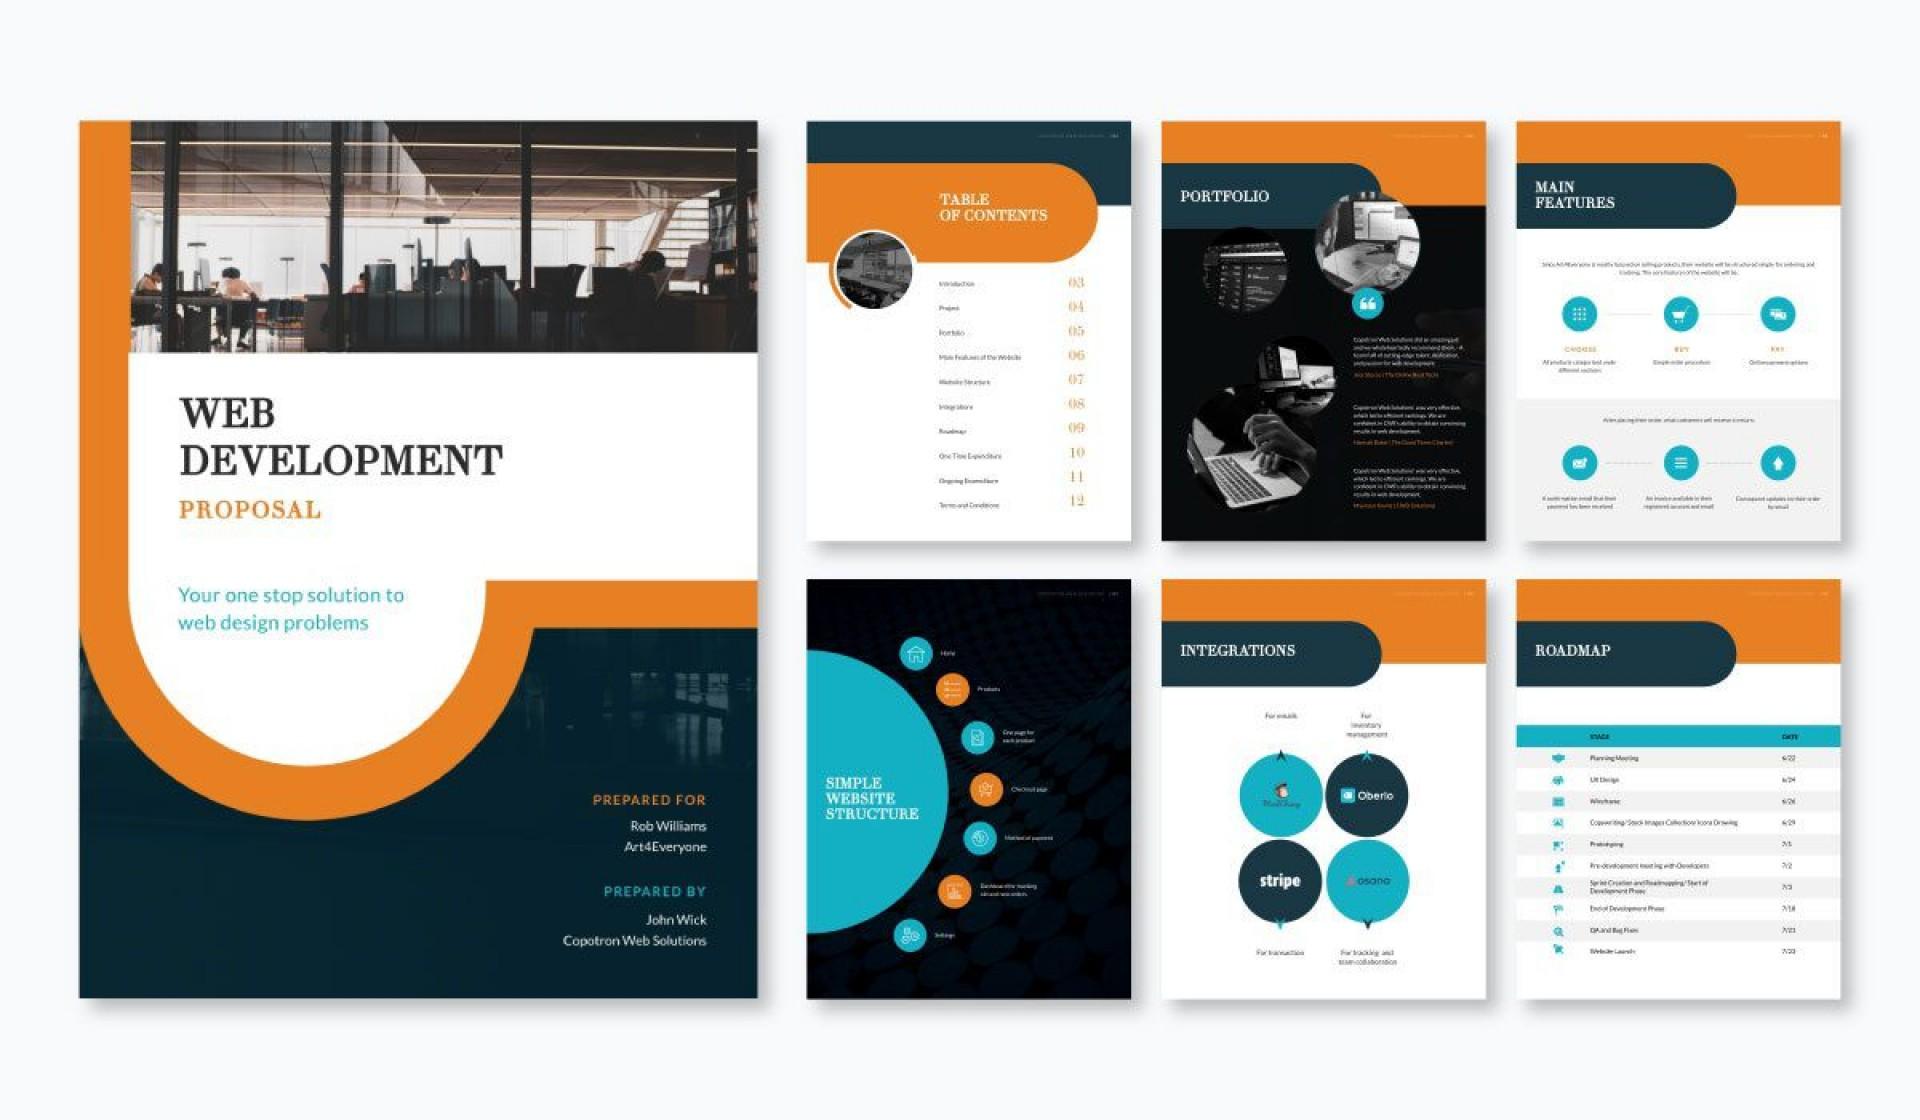 001 Phenomenal Graphic Design Proposal Template Free Image  Freelance Pdf Indesign1920